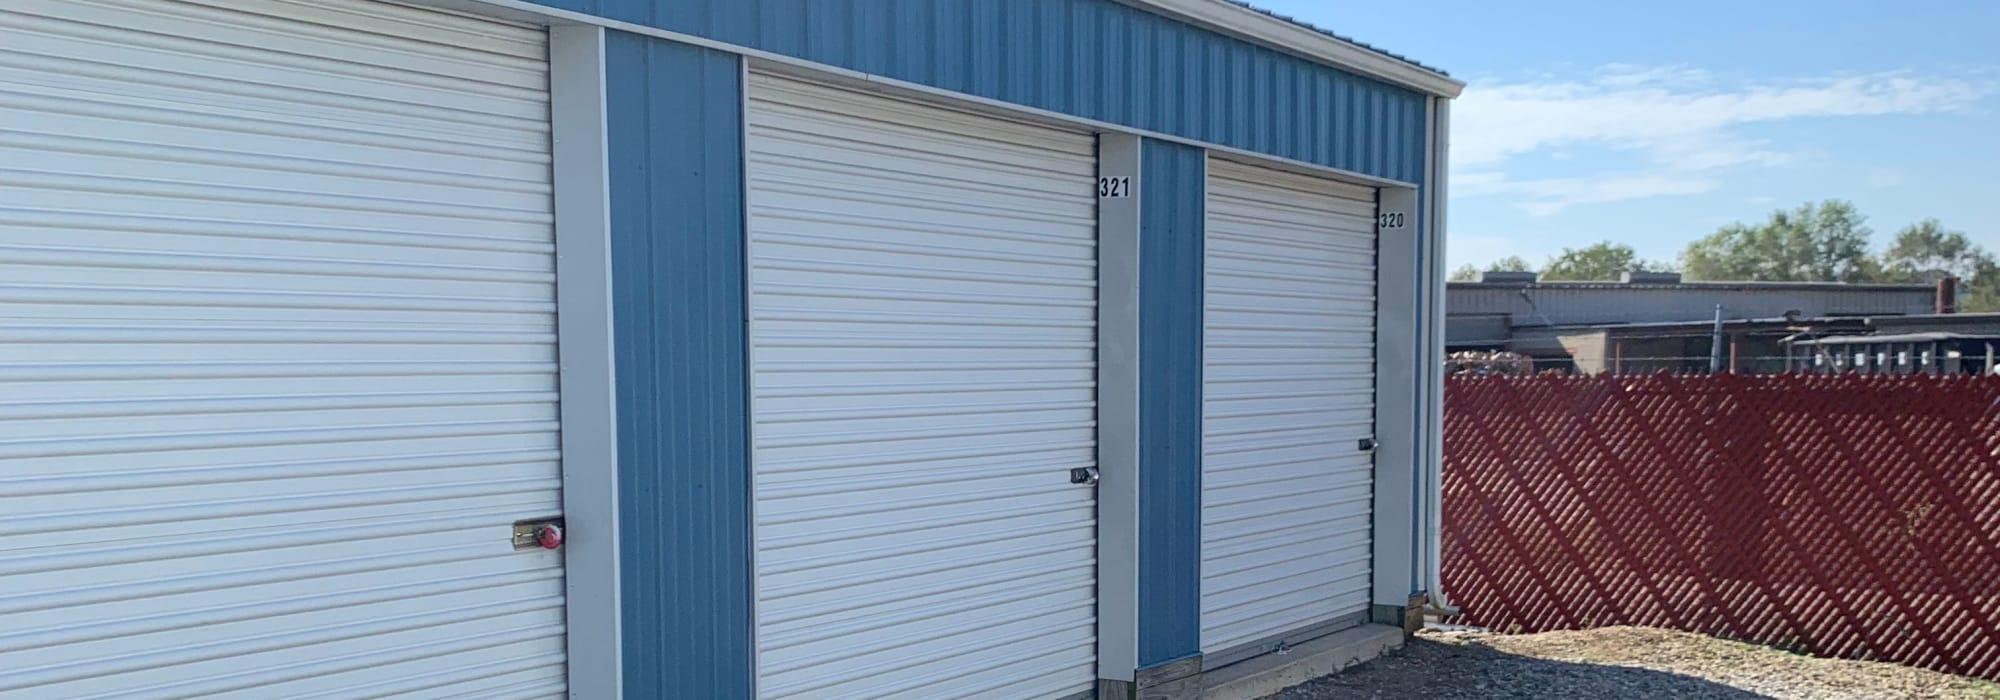 Self storage in Chillicothe Ohio